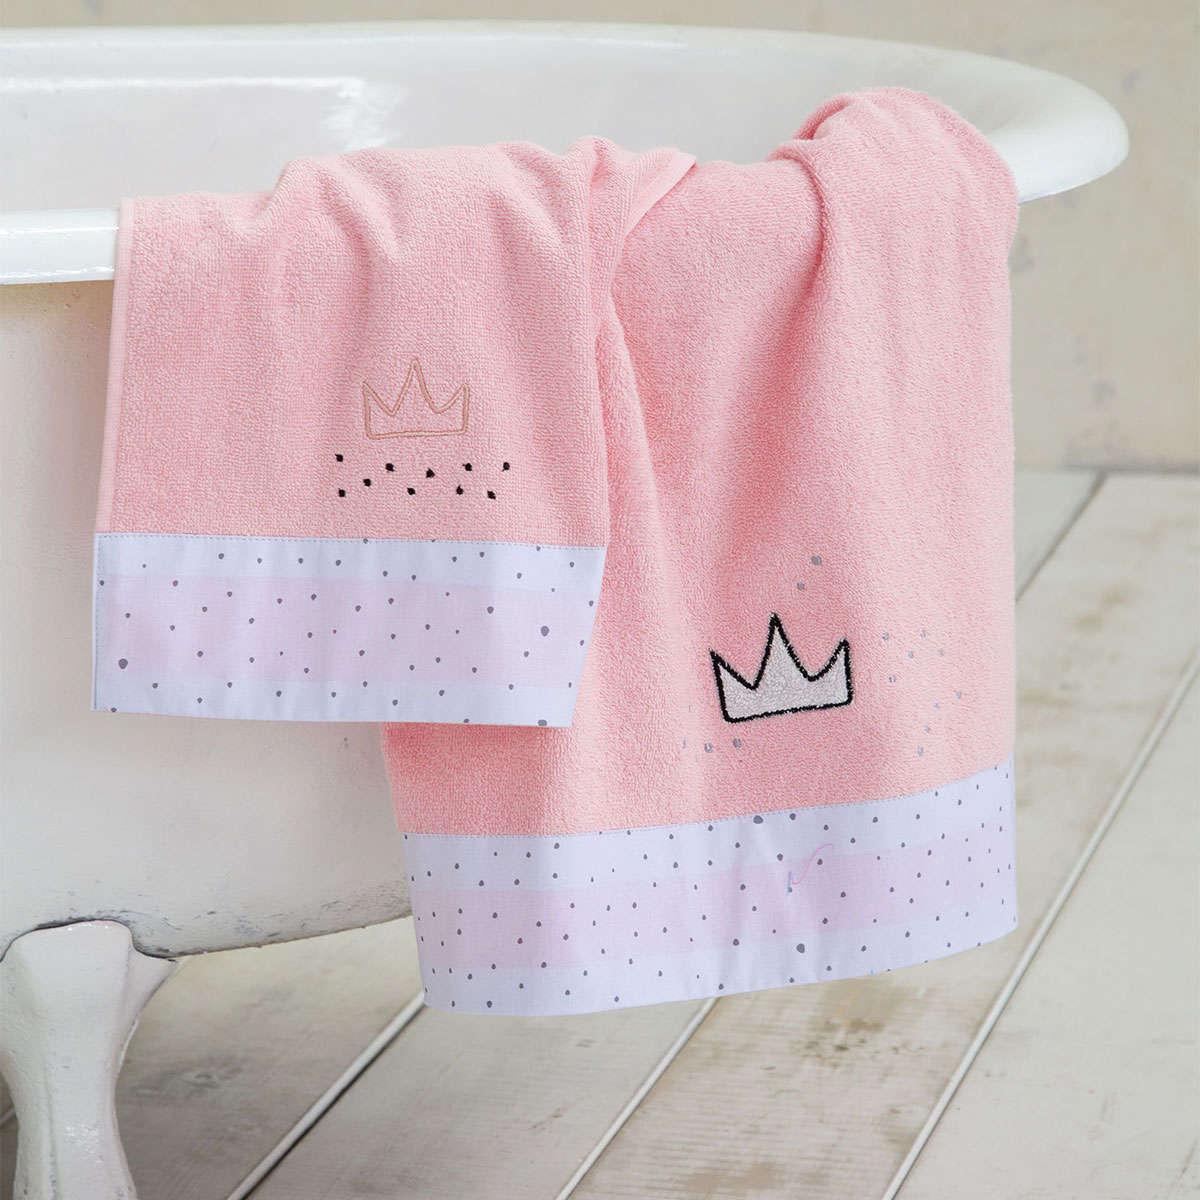 Πετσέτες Παιδικές Σετ – Majesty Fuchsia Nima Σετ Πετσέτες 70x140cm